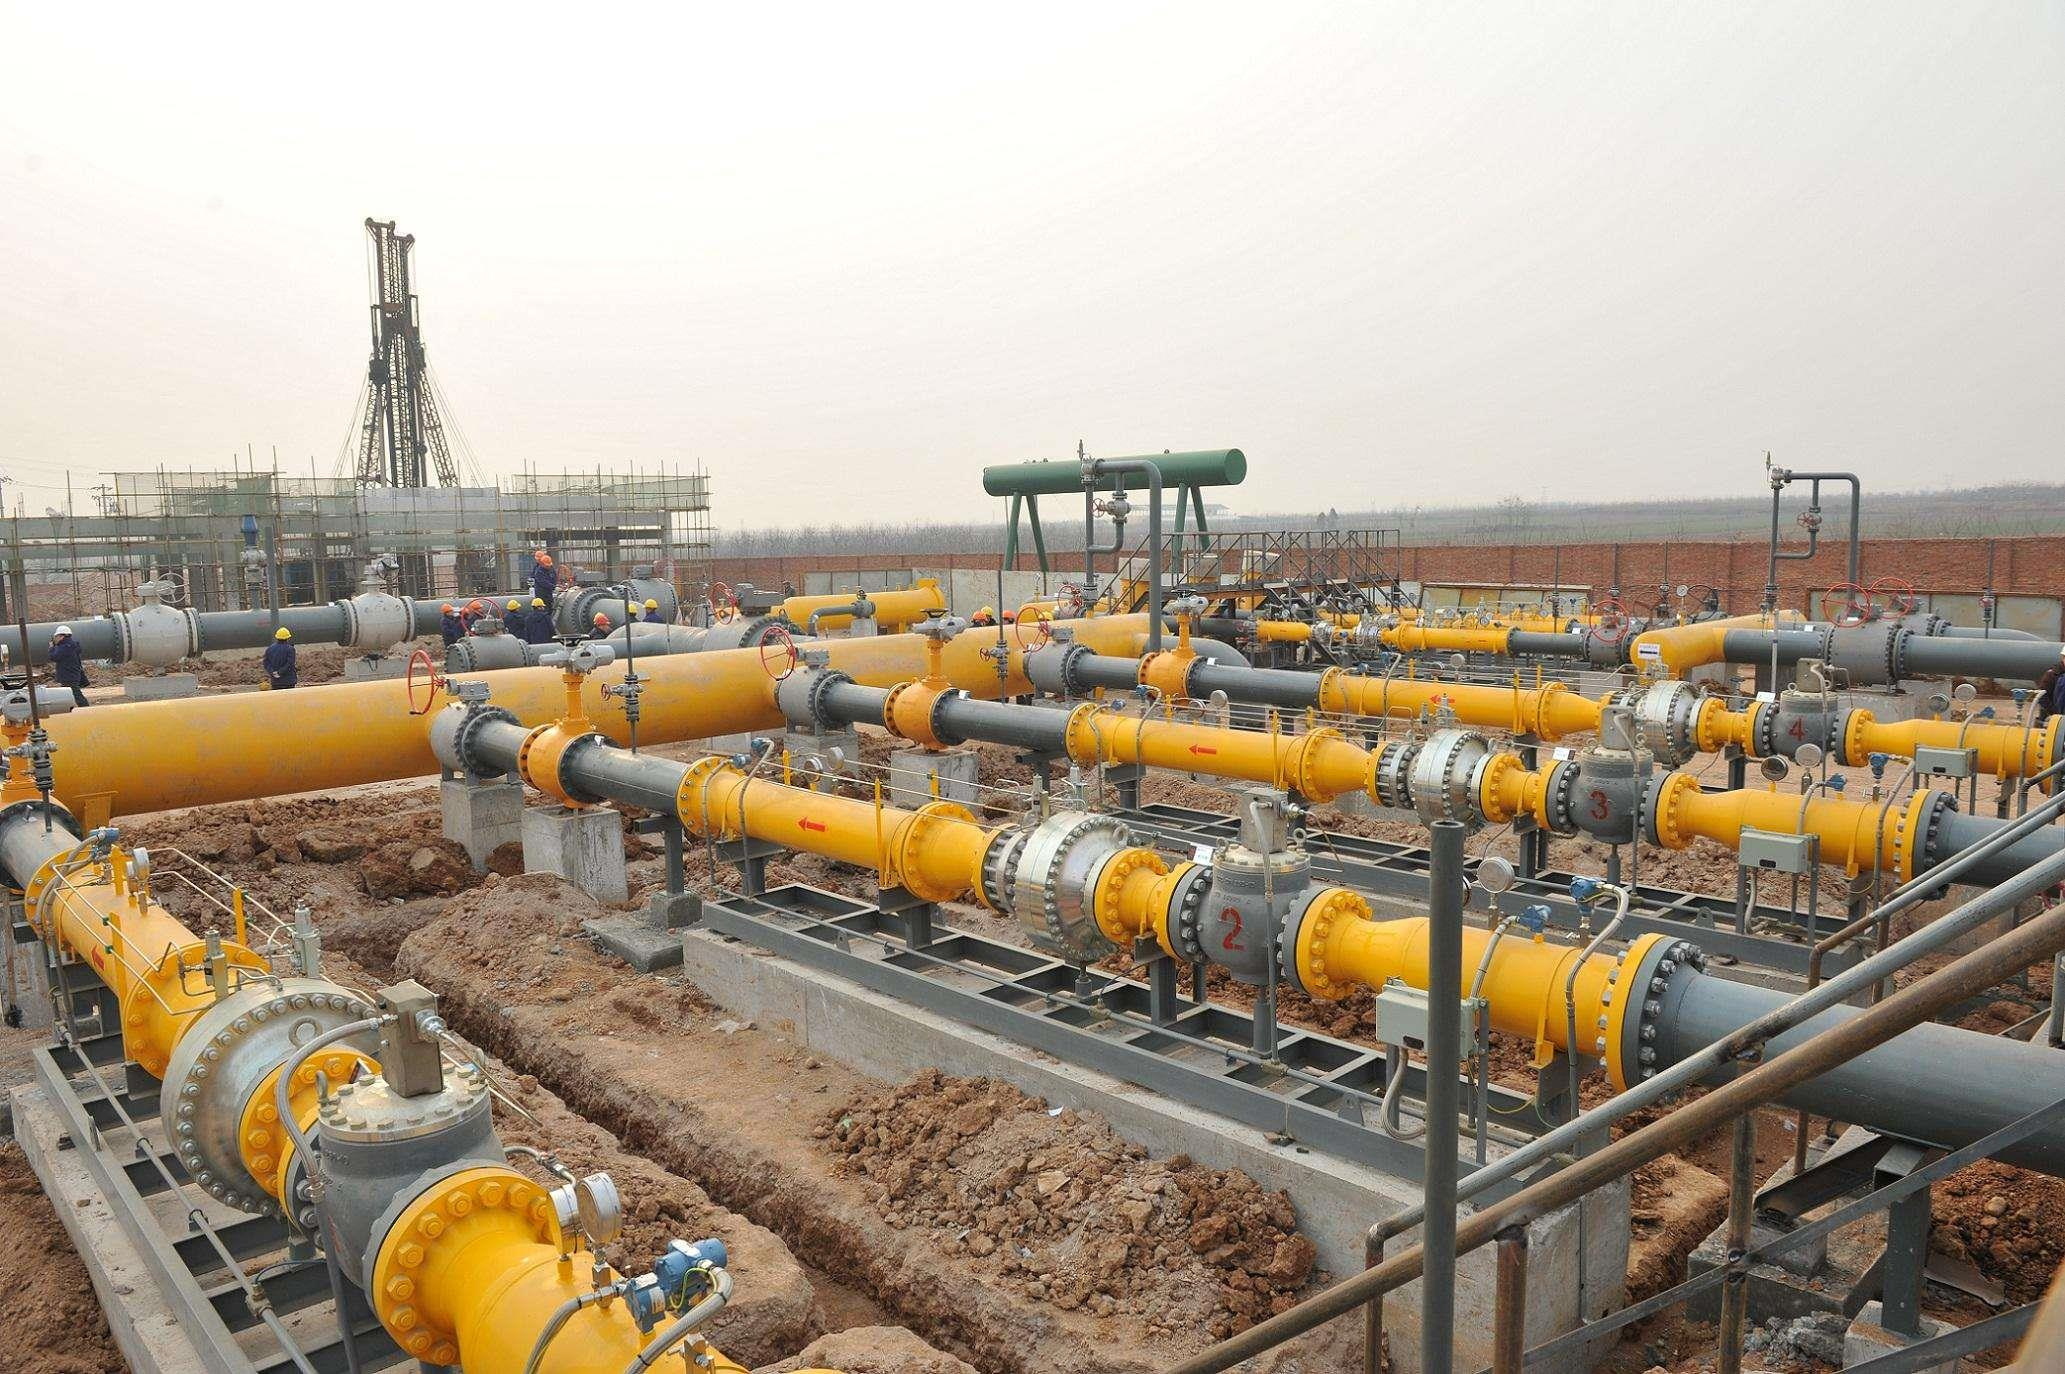 上海市2个重型燃气轮机试验电站试验机组工程获核准